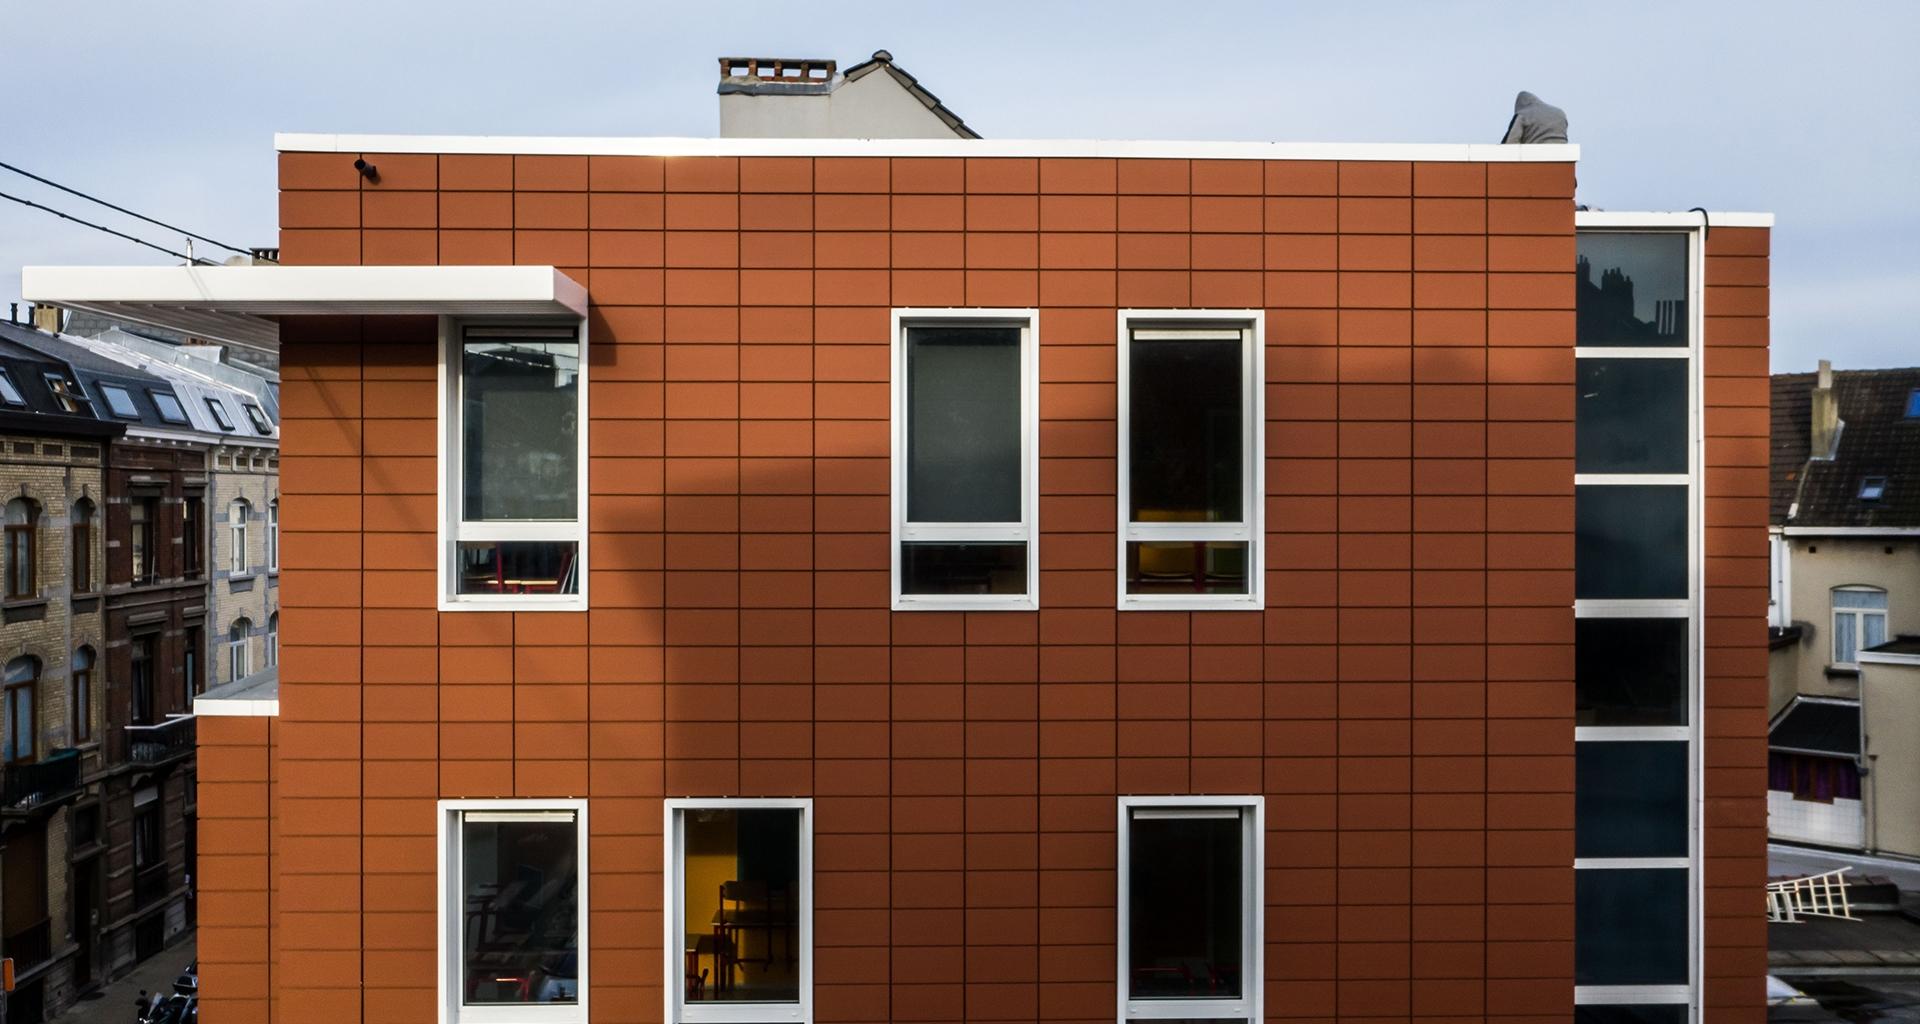 Bardages façades en terre cuite + crepis Bruxelles